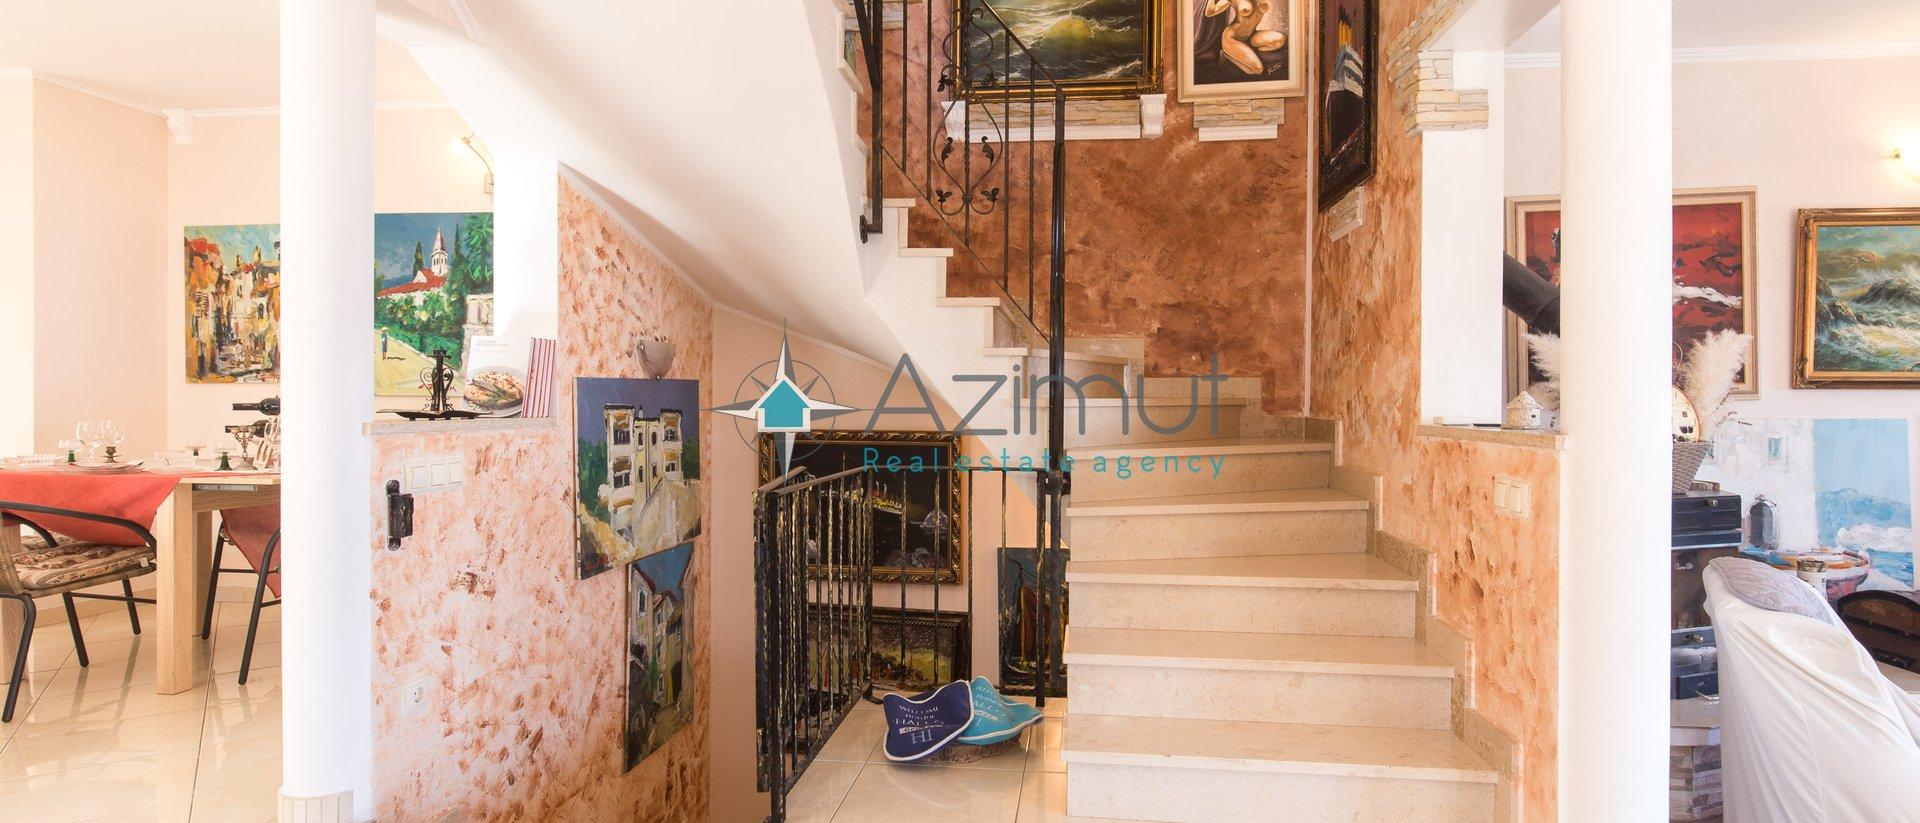 Appartamento, 190 m2, Affitto, Lovran